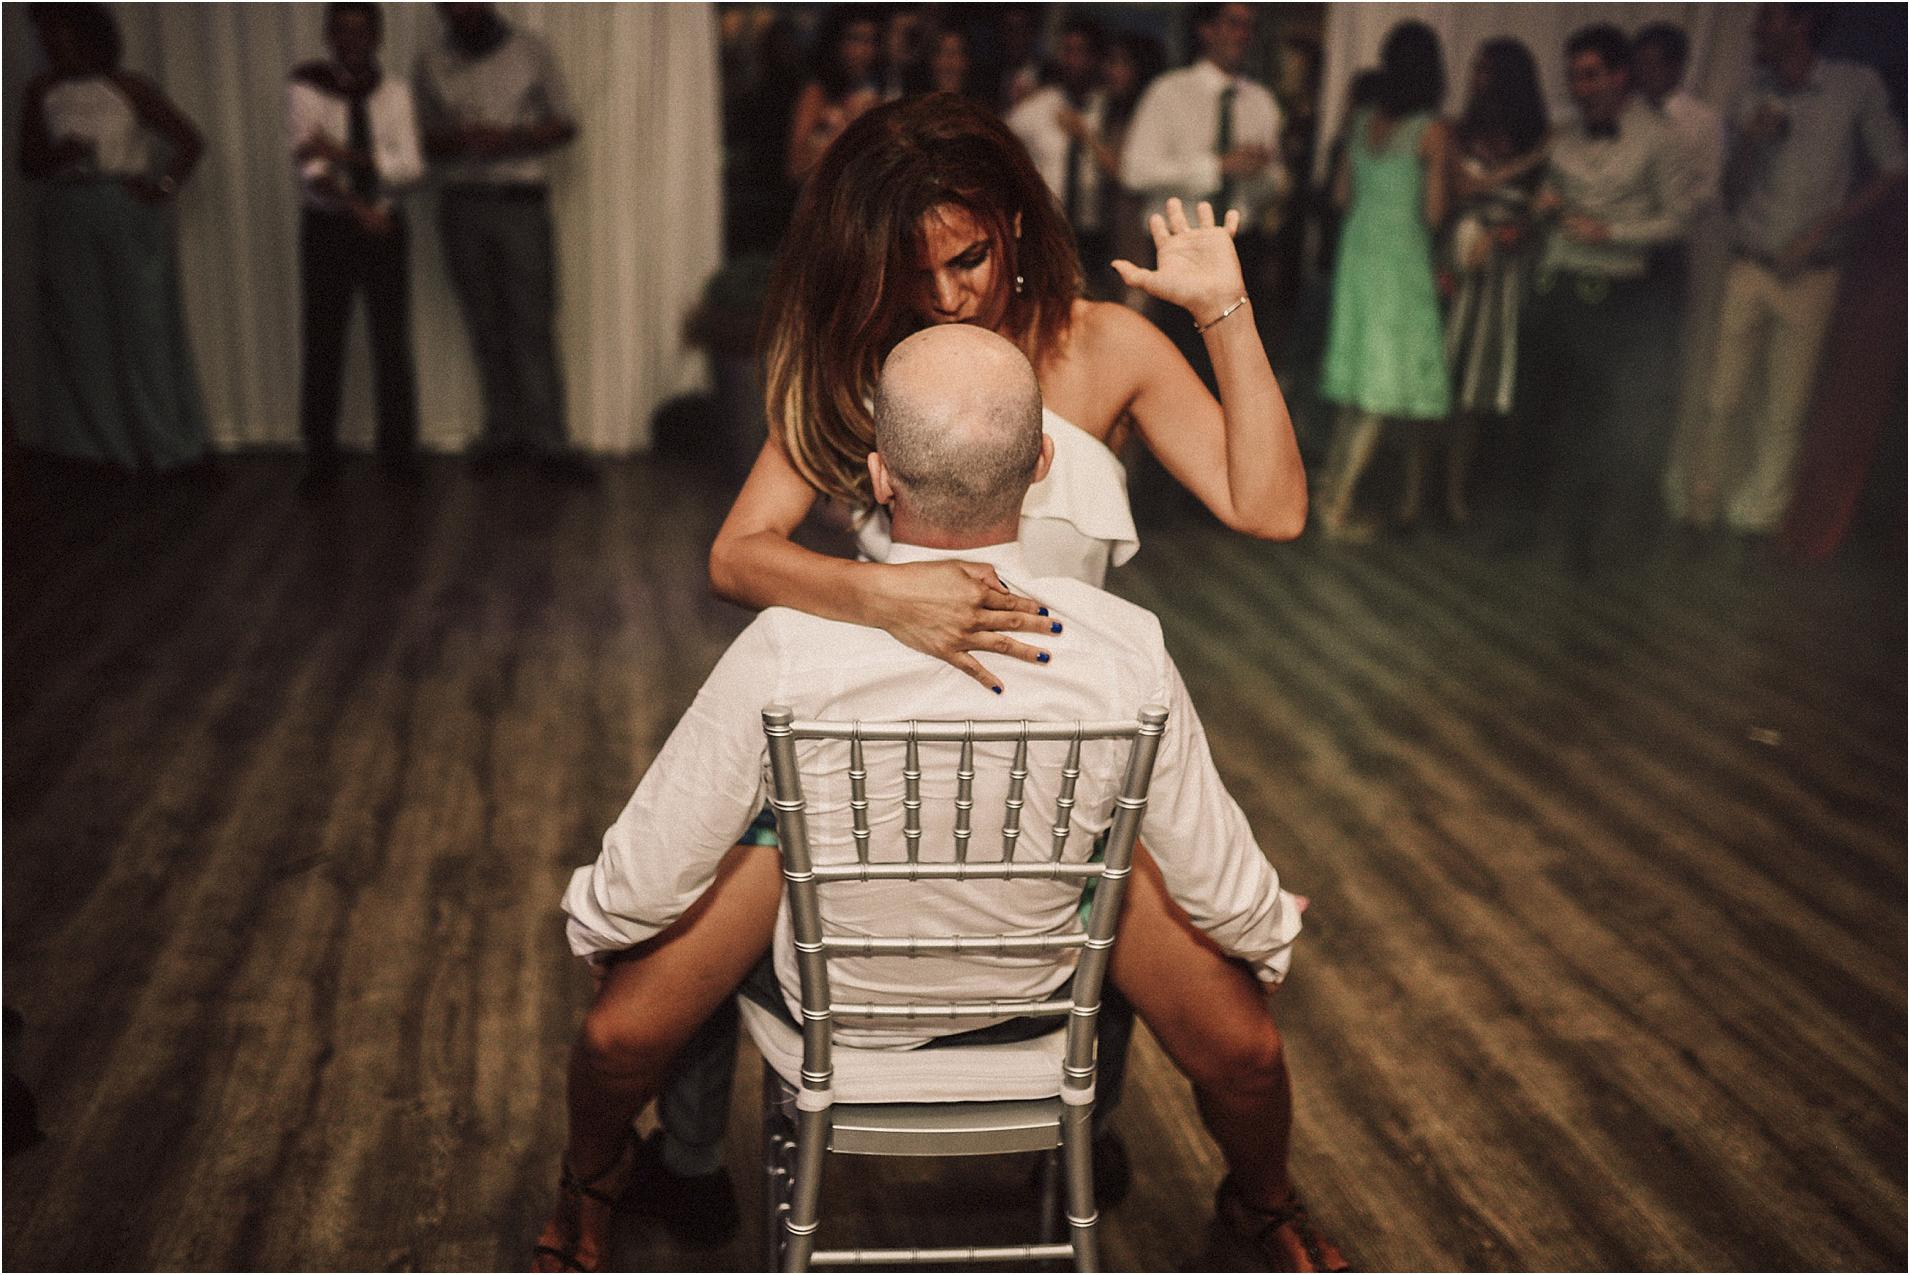 Fotografos-de-boda-donostia-zaragoza-san-sebastian-destination-wedding-photographer-114.jpg